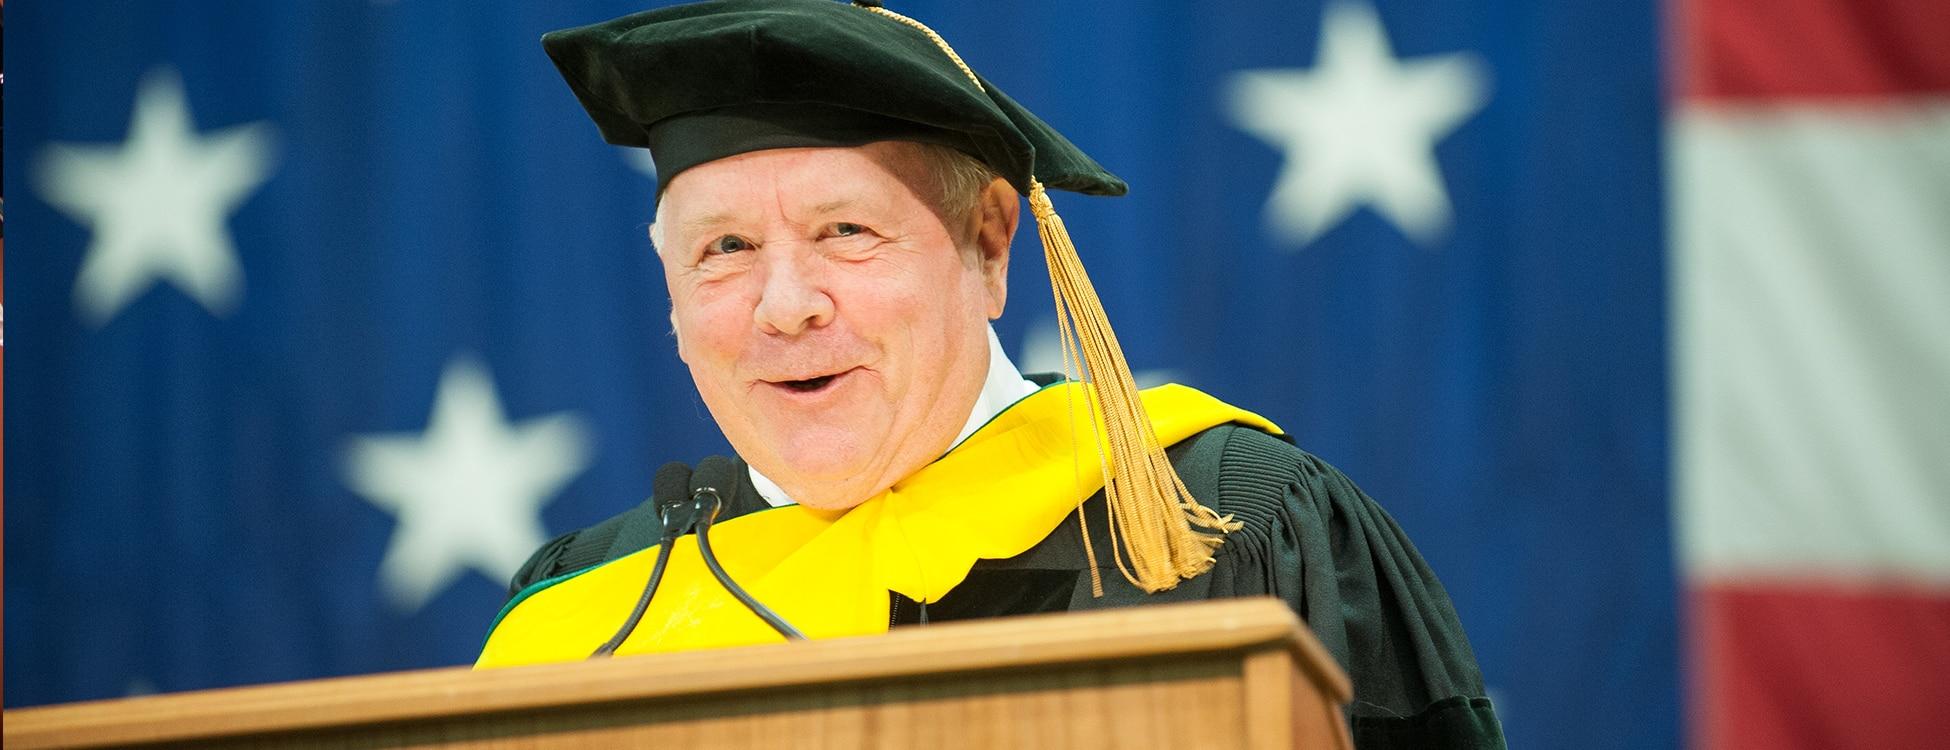 Roger Allbee, commencement speaker